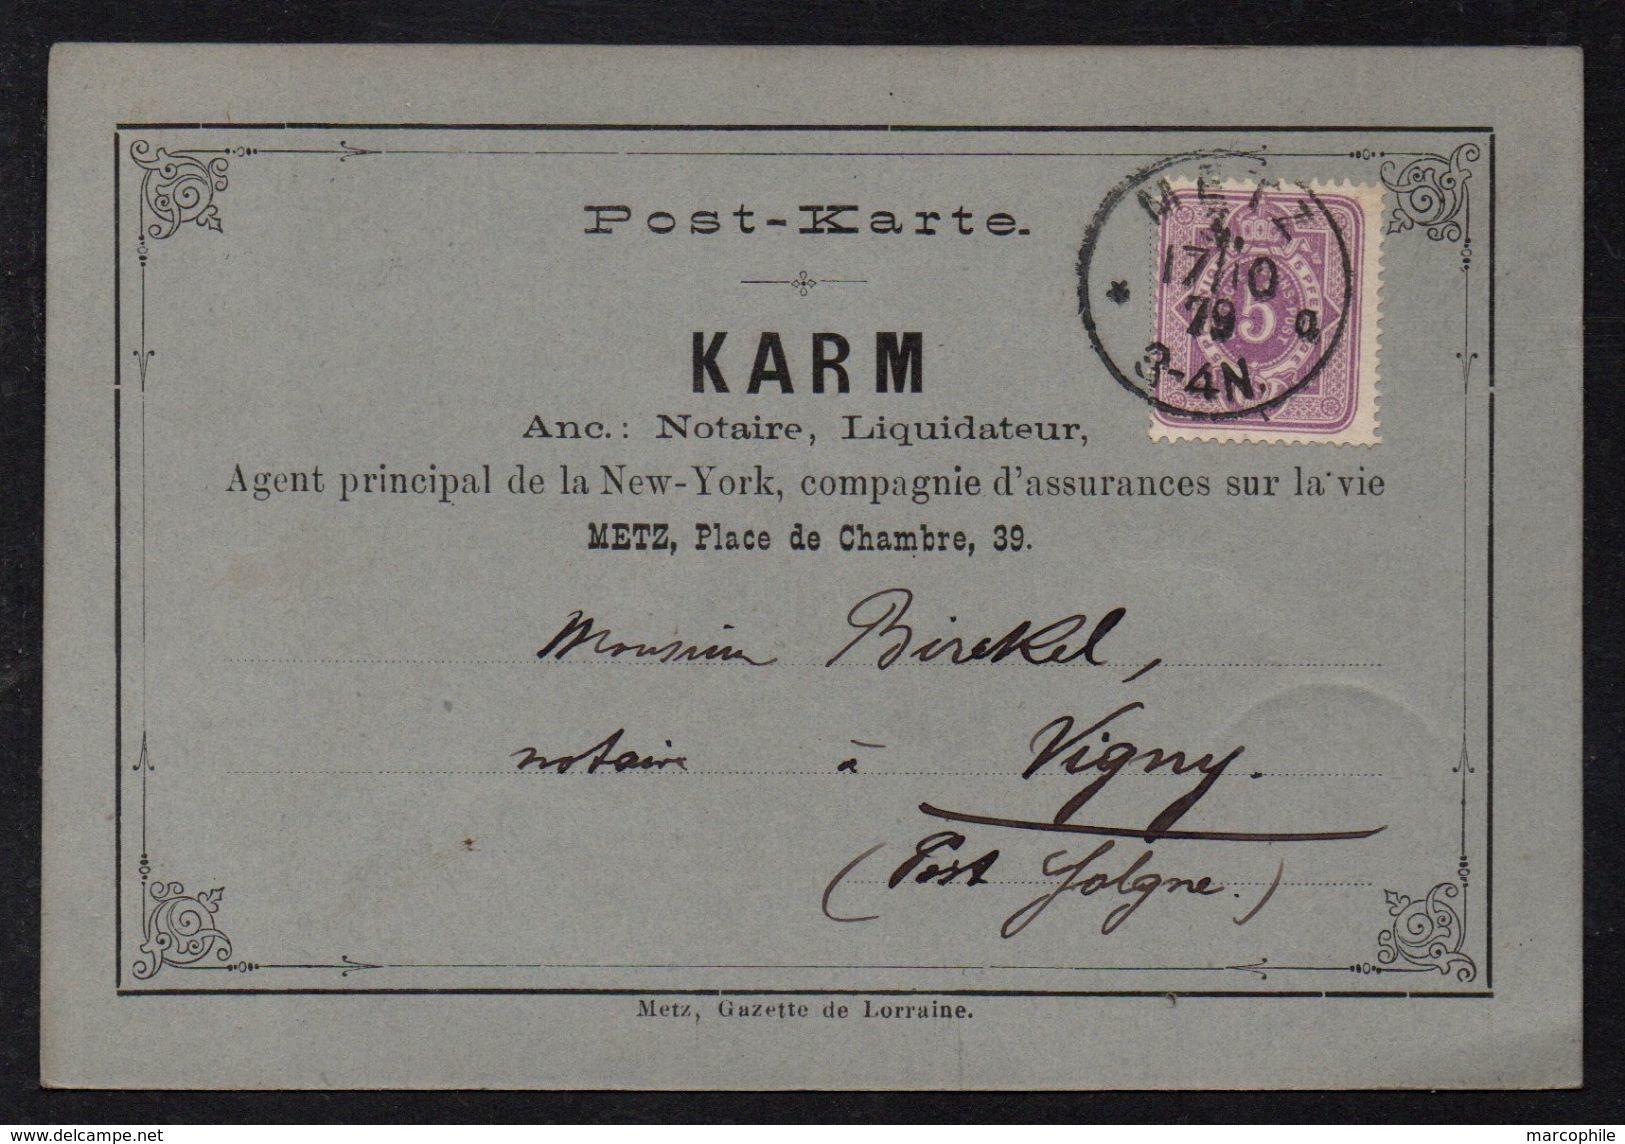 METZ - MOSELLE  / 1879 CARTE COMMERCIALE ILLUSTREE POUR VIGNY PAR SOLGNE  (ref 7537a) - Alsace-Lorraine